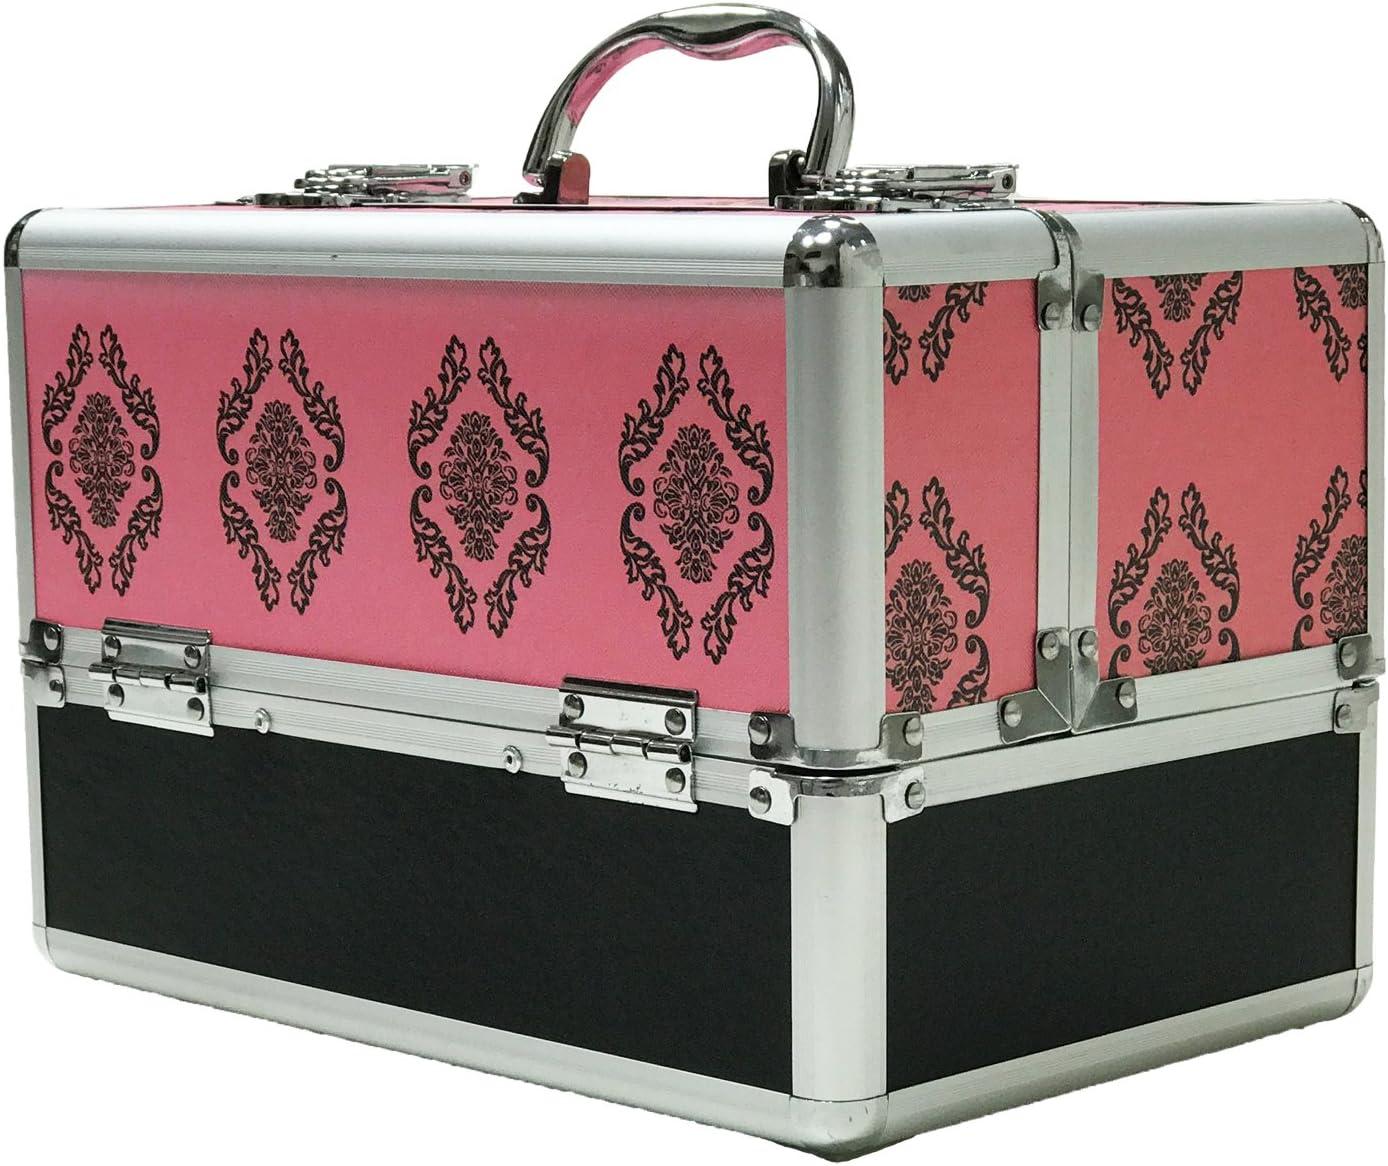 Grande color rosa damasco profesional aluminio belleza cosméticos caja make Up Case: Amazon.es: Salud y cuidado personal